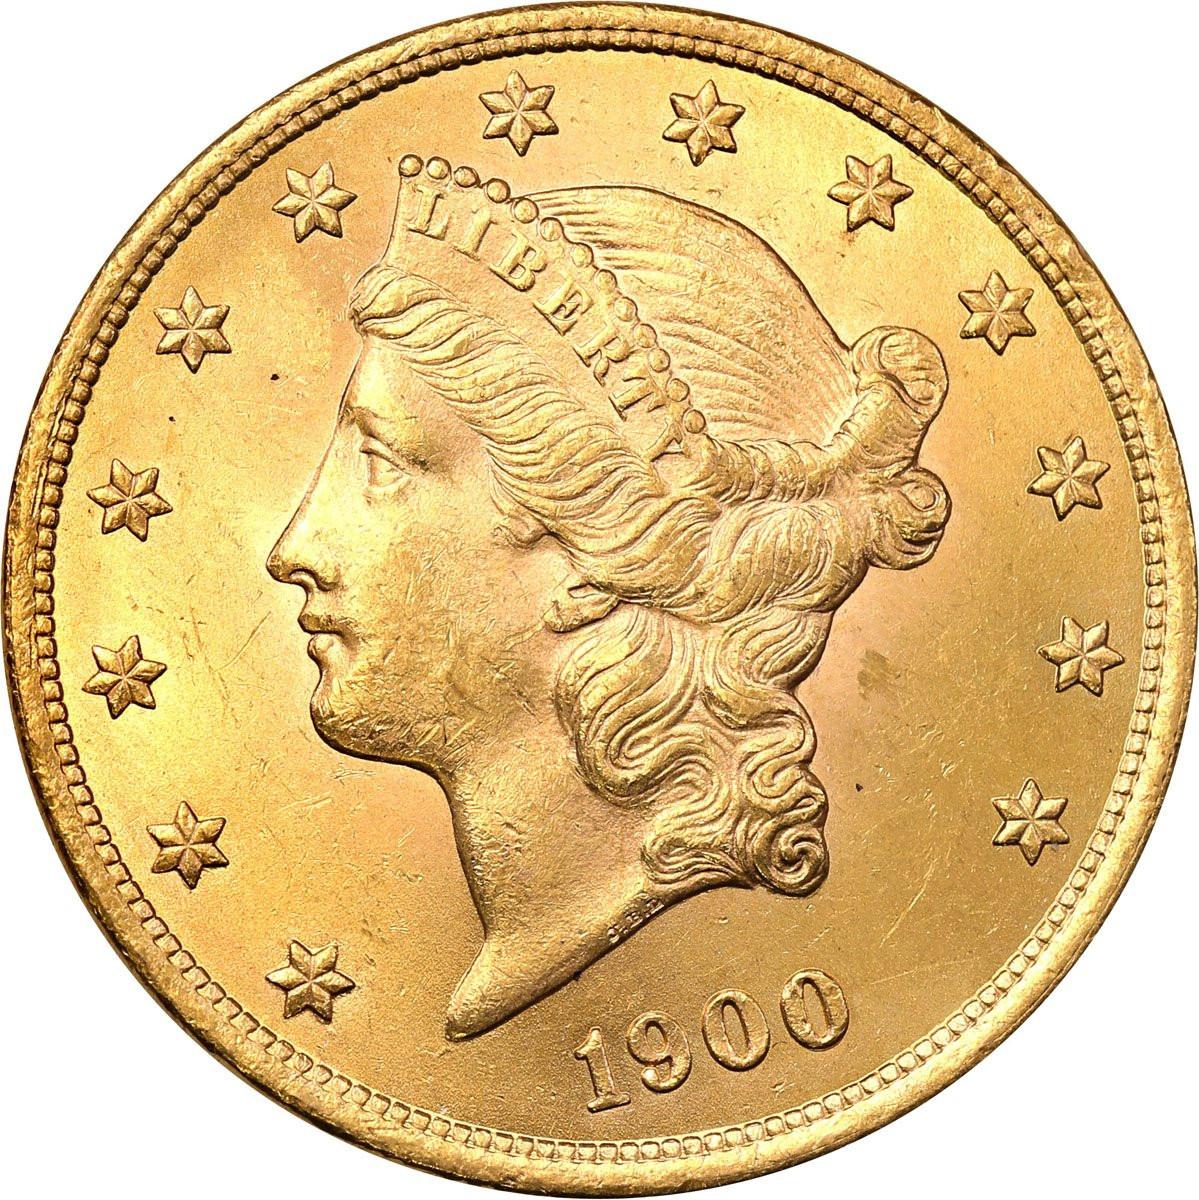 USA 20 $ dolarów 1900 Filadelfia Liberty